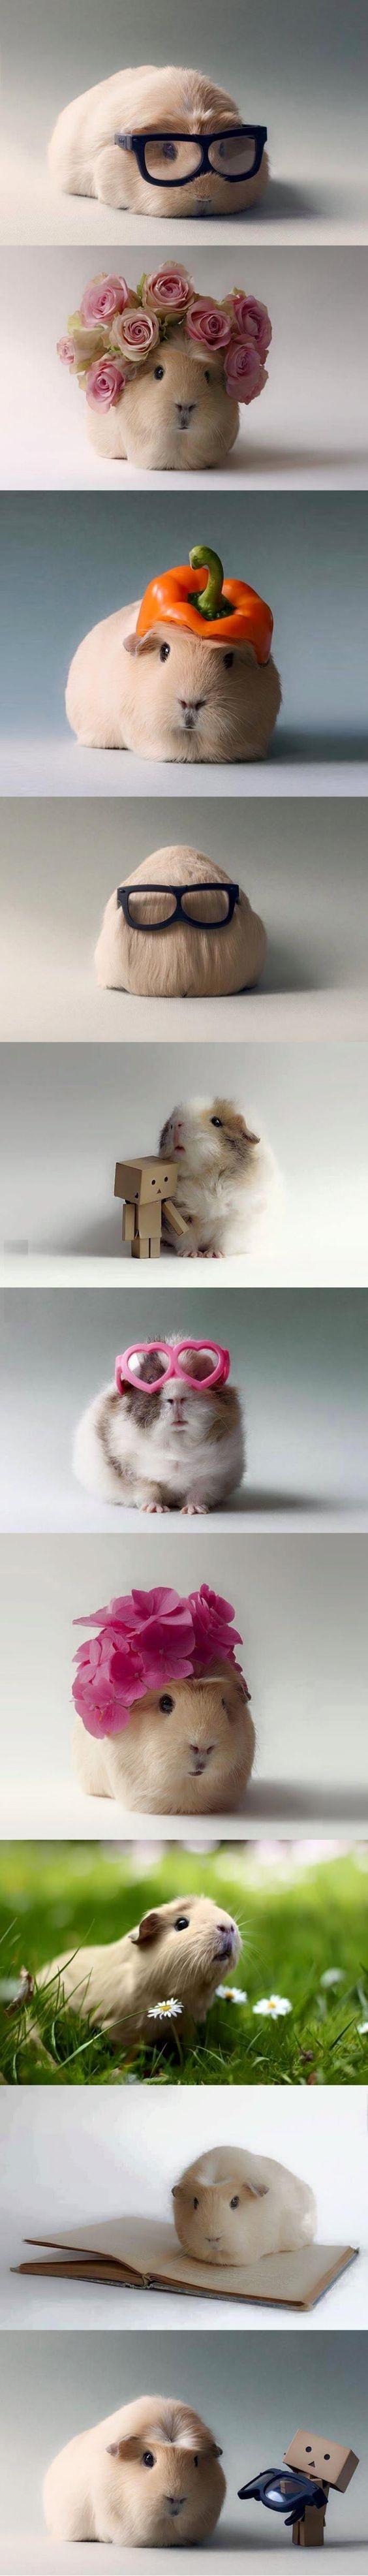 Das ist mal ein hübsches Schweinchen   ;-)